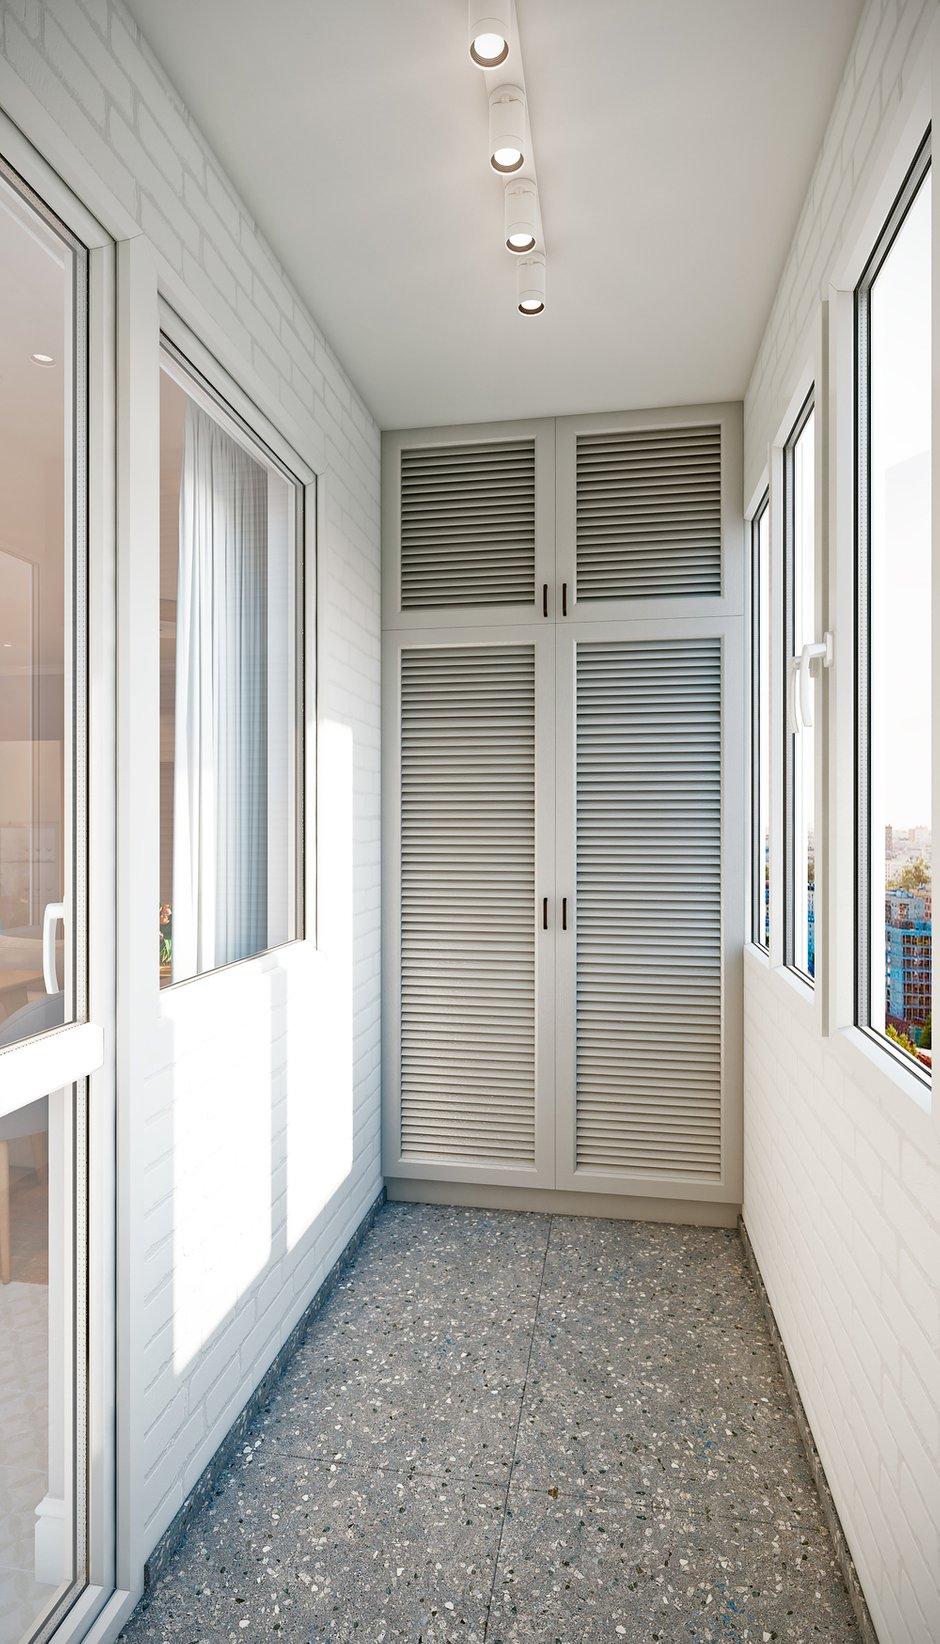 Фотография: Балкон в стиле Современный, Квартира, Проект недели, Co:Interior, Монолитный дом, 2 комнаты, 60-90 метров, Южно-Сахалинск – фото на INMYROOM